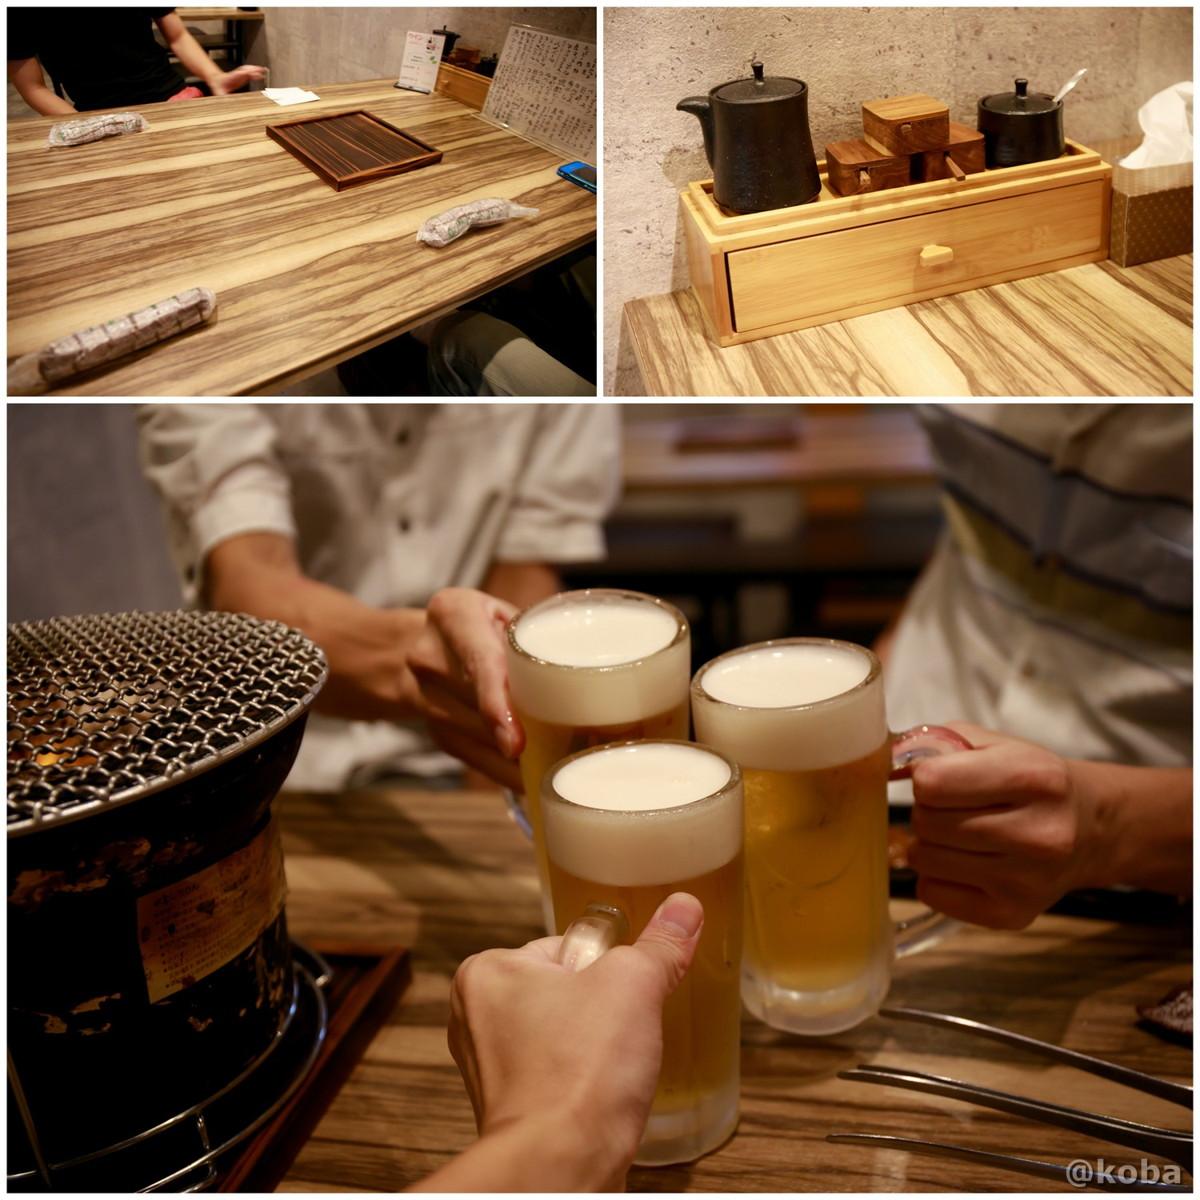 サッポロ黒ラベル 生ビールの写真 490円×3 和敬 (わけい)ホルモン 焼肉 東京都葛飾区・立石 ブログ